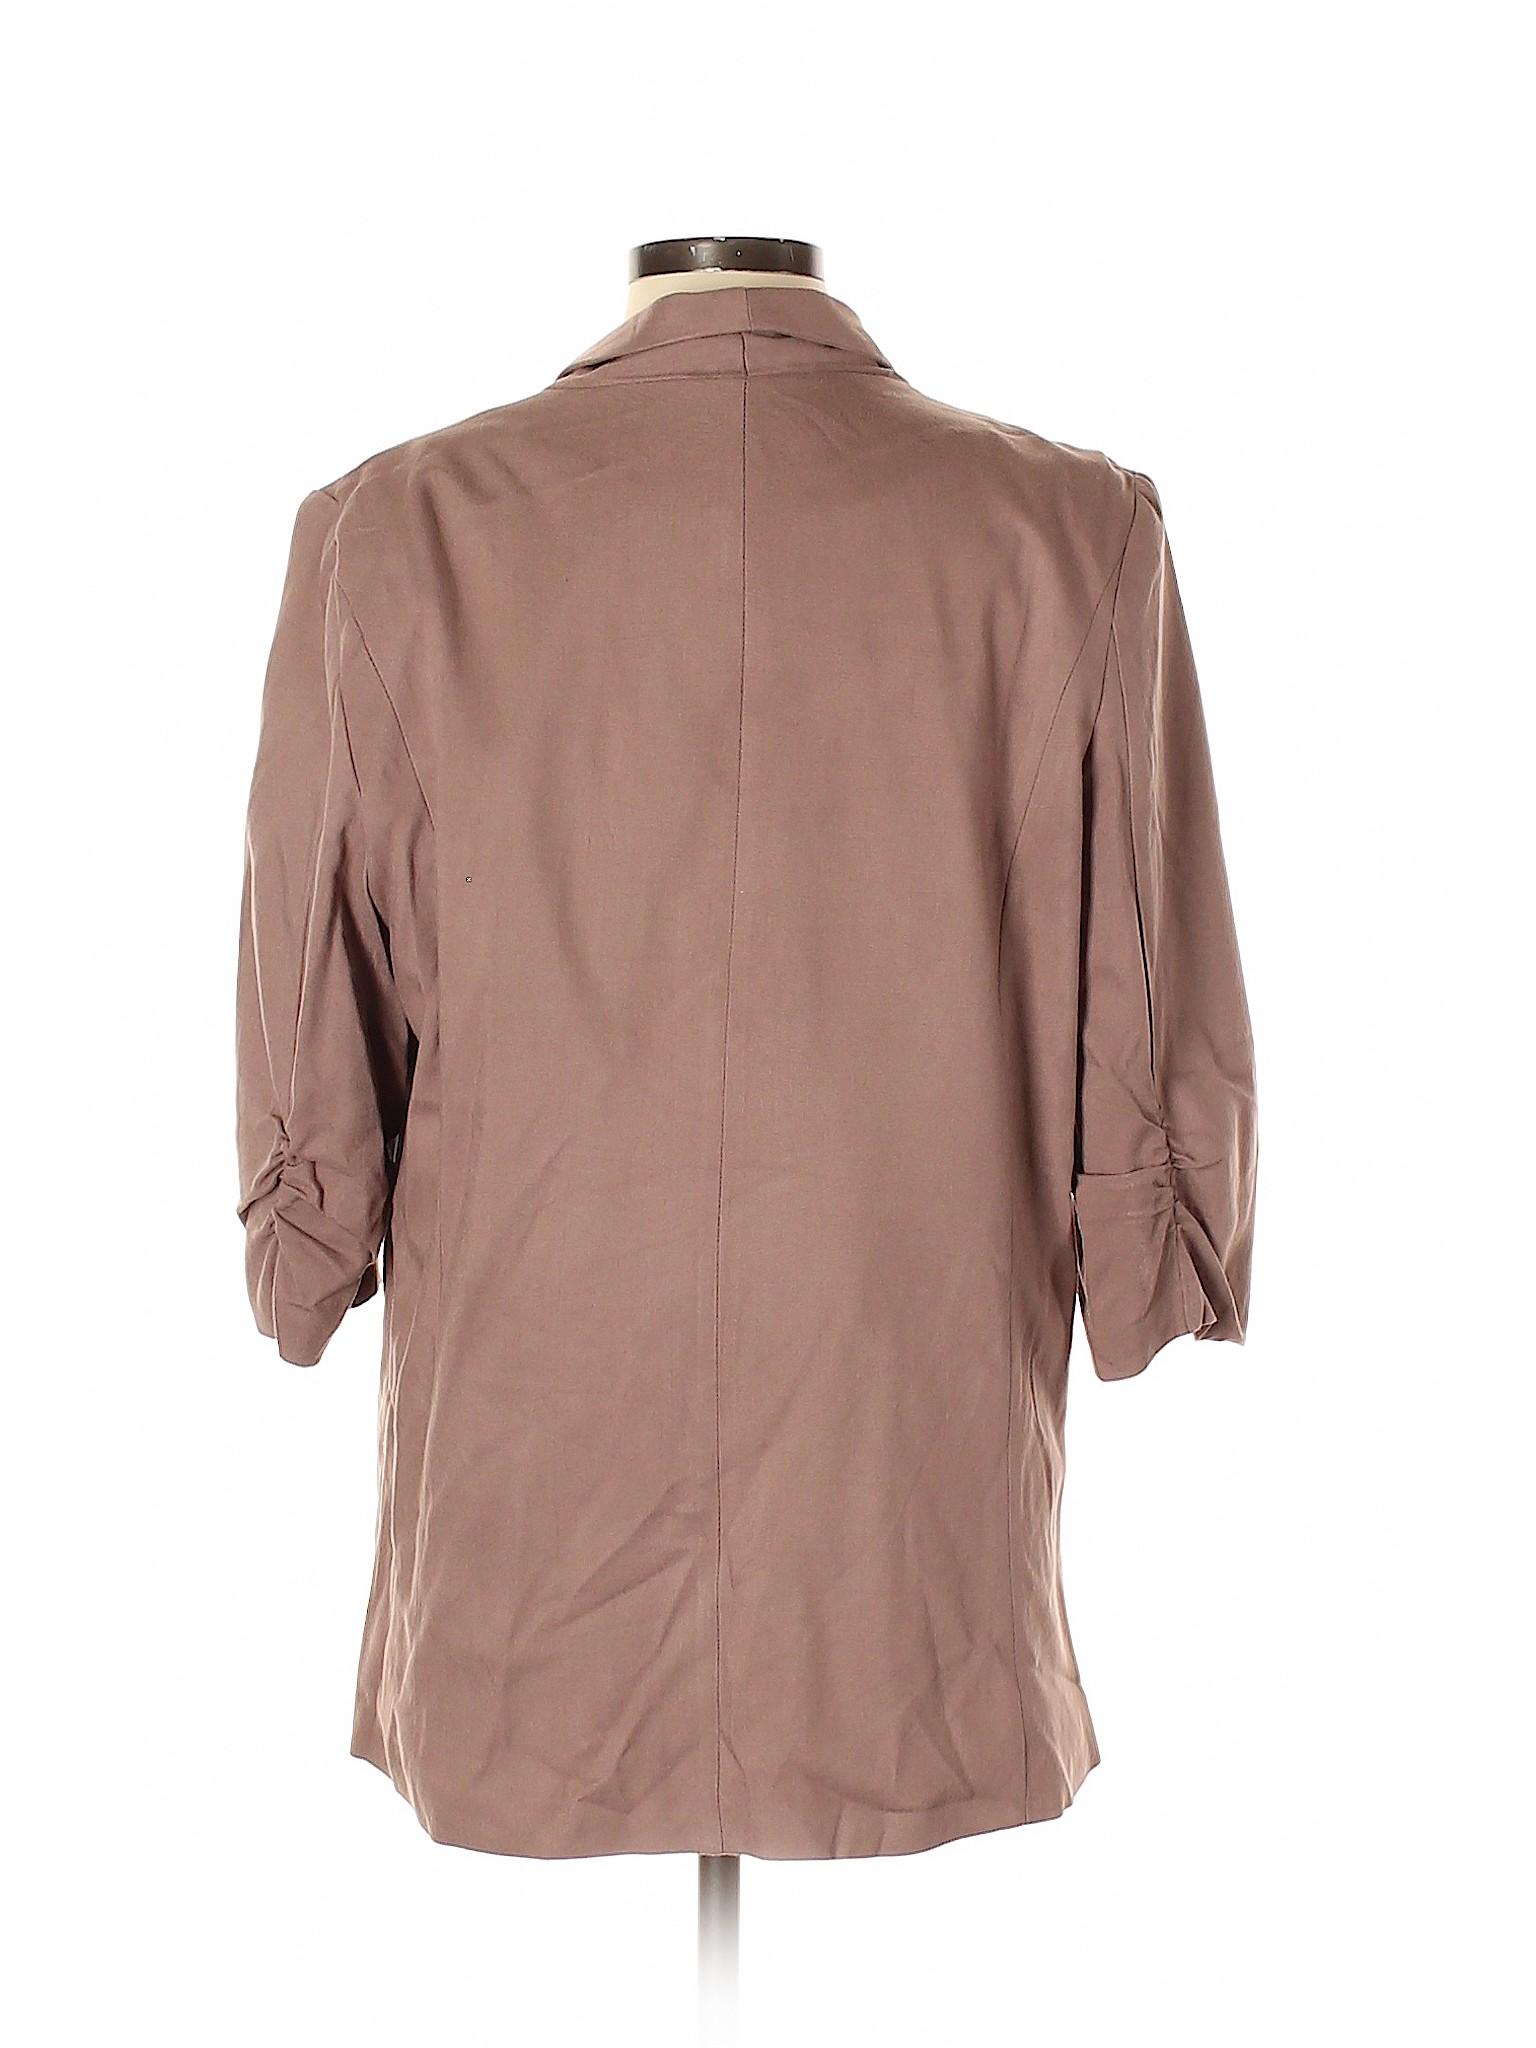 Women s Outerwear 3e8a7ca0e